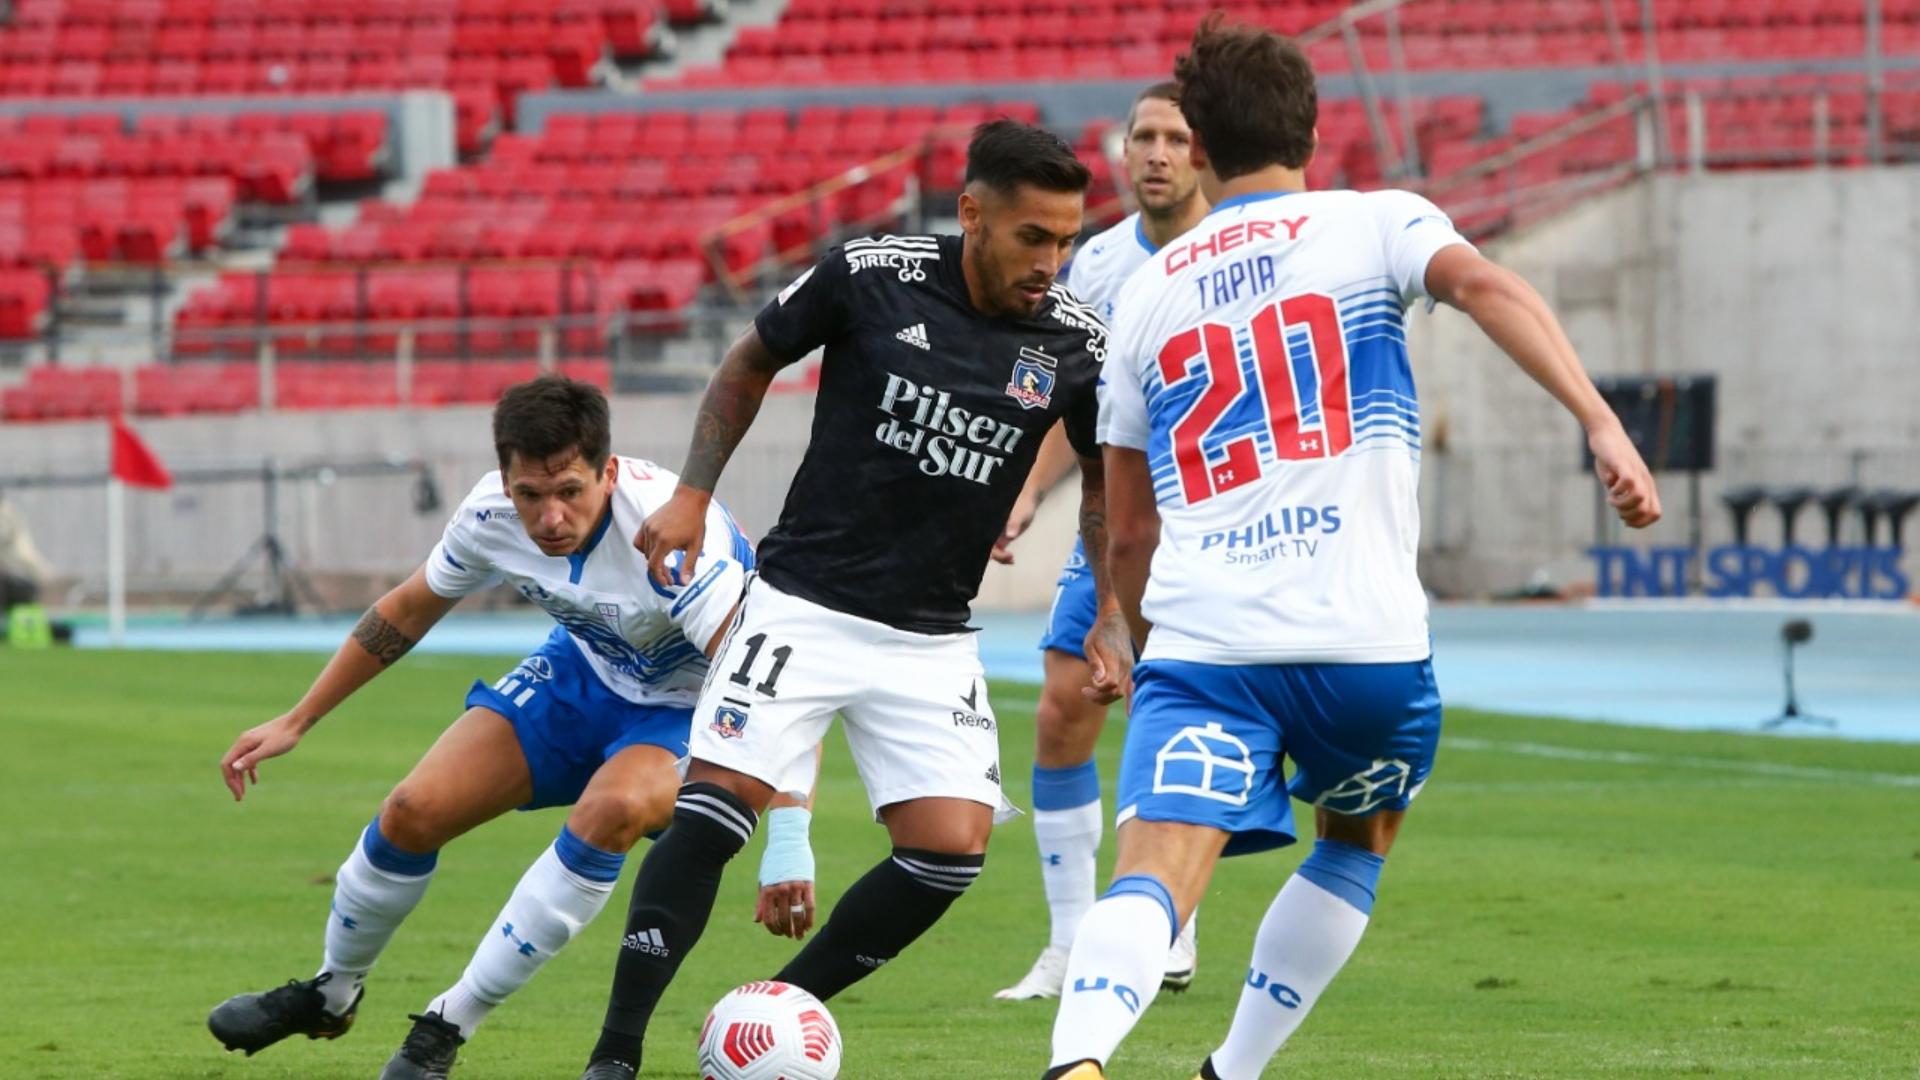 Universidad Católica vs. Colo Colo en vivo: partido online, resultado,  goles, videos y formaciones | Goal.com